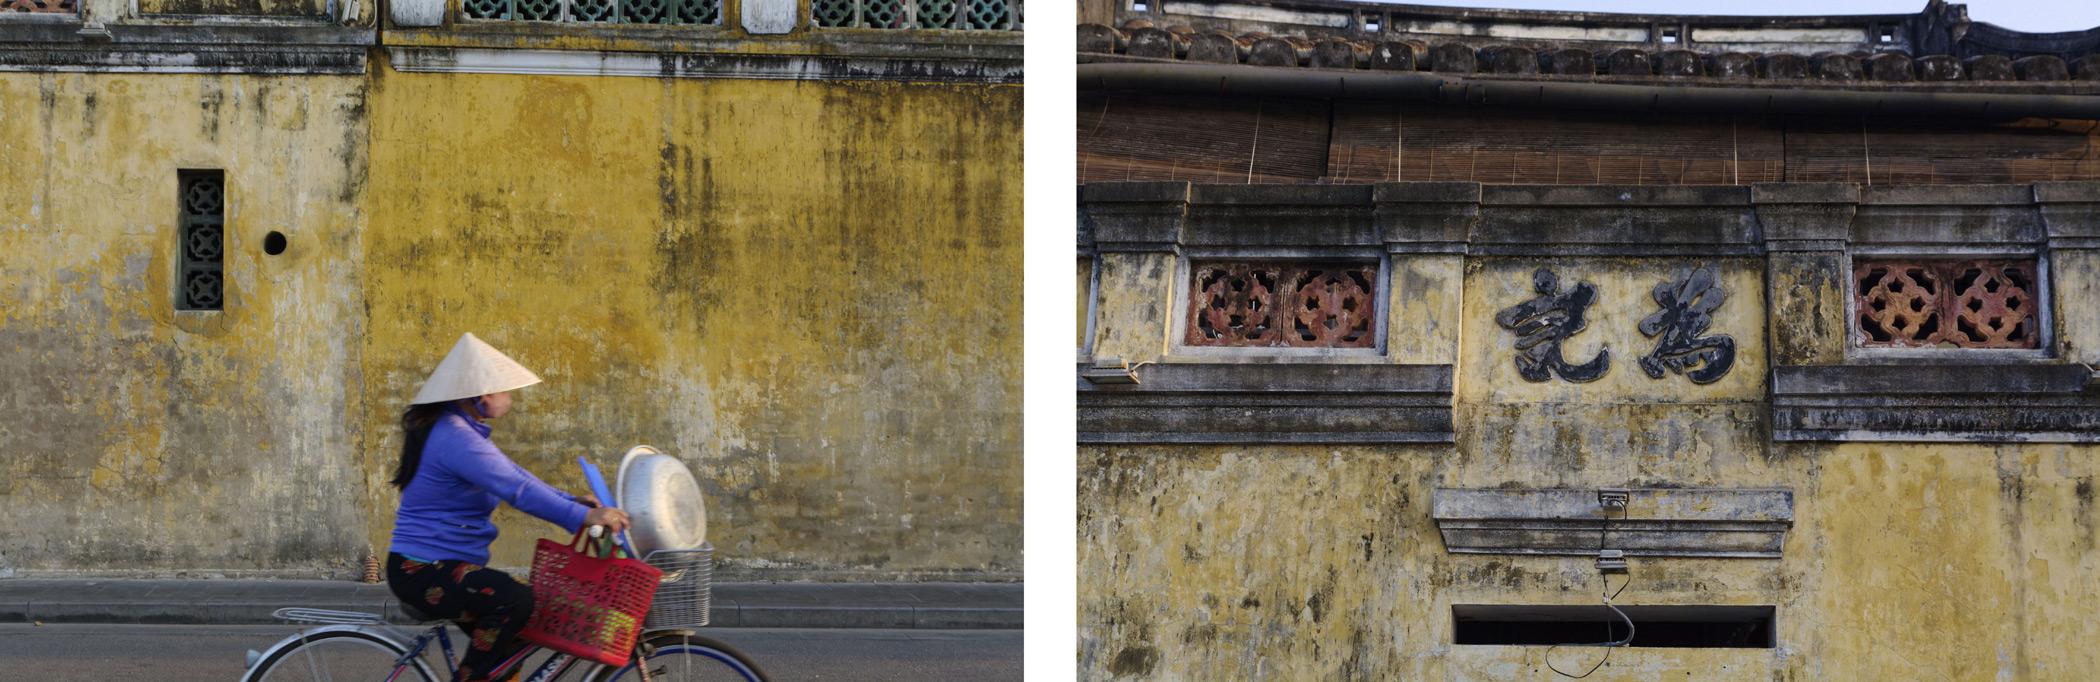 Murs jaunes Hoi An